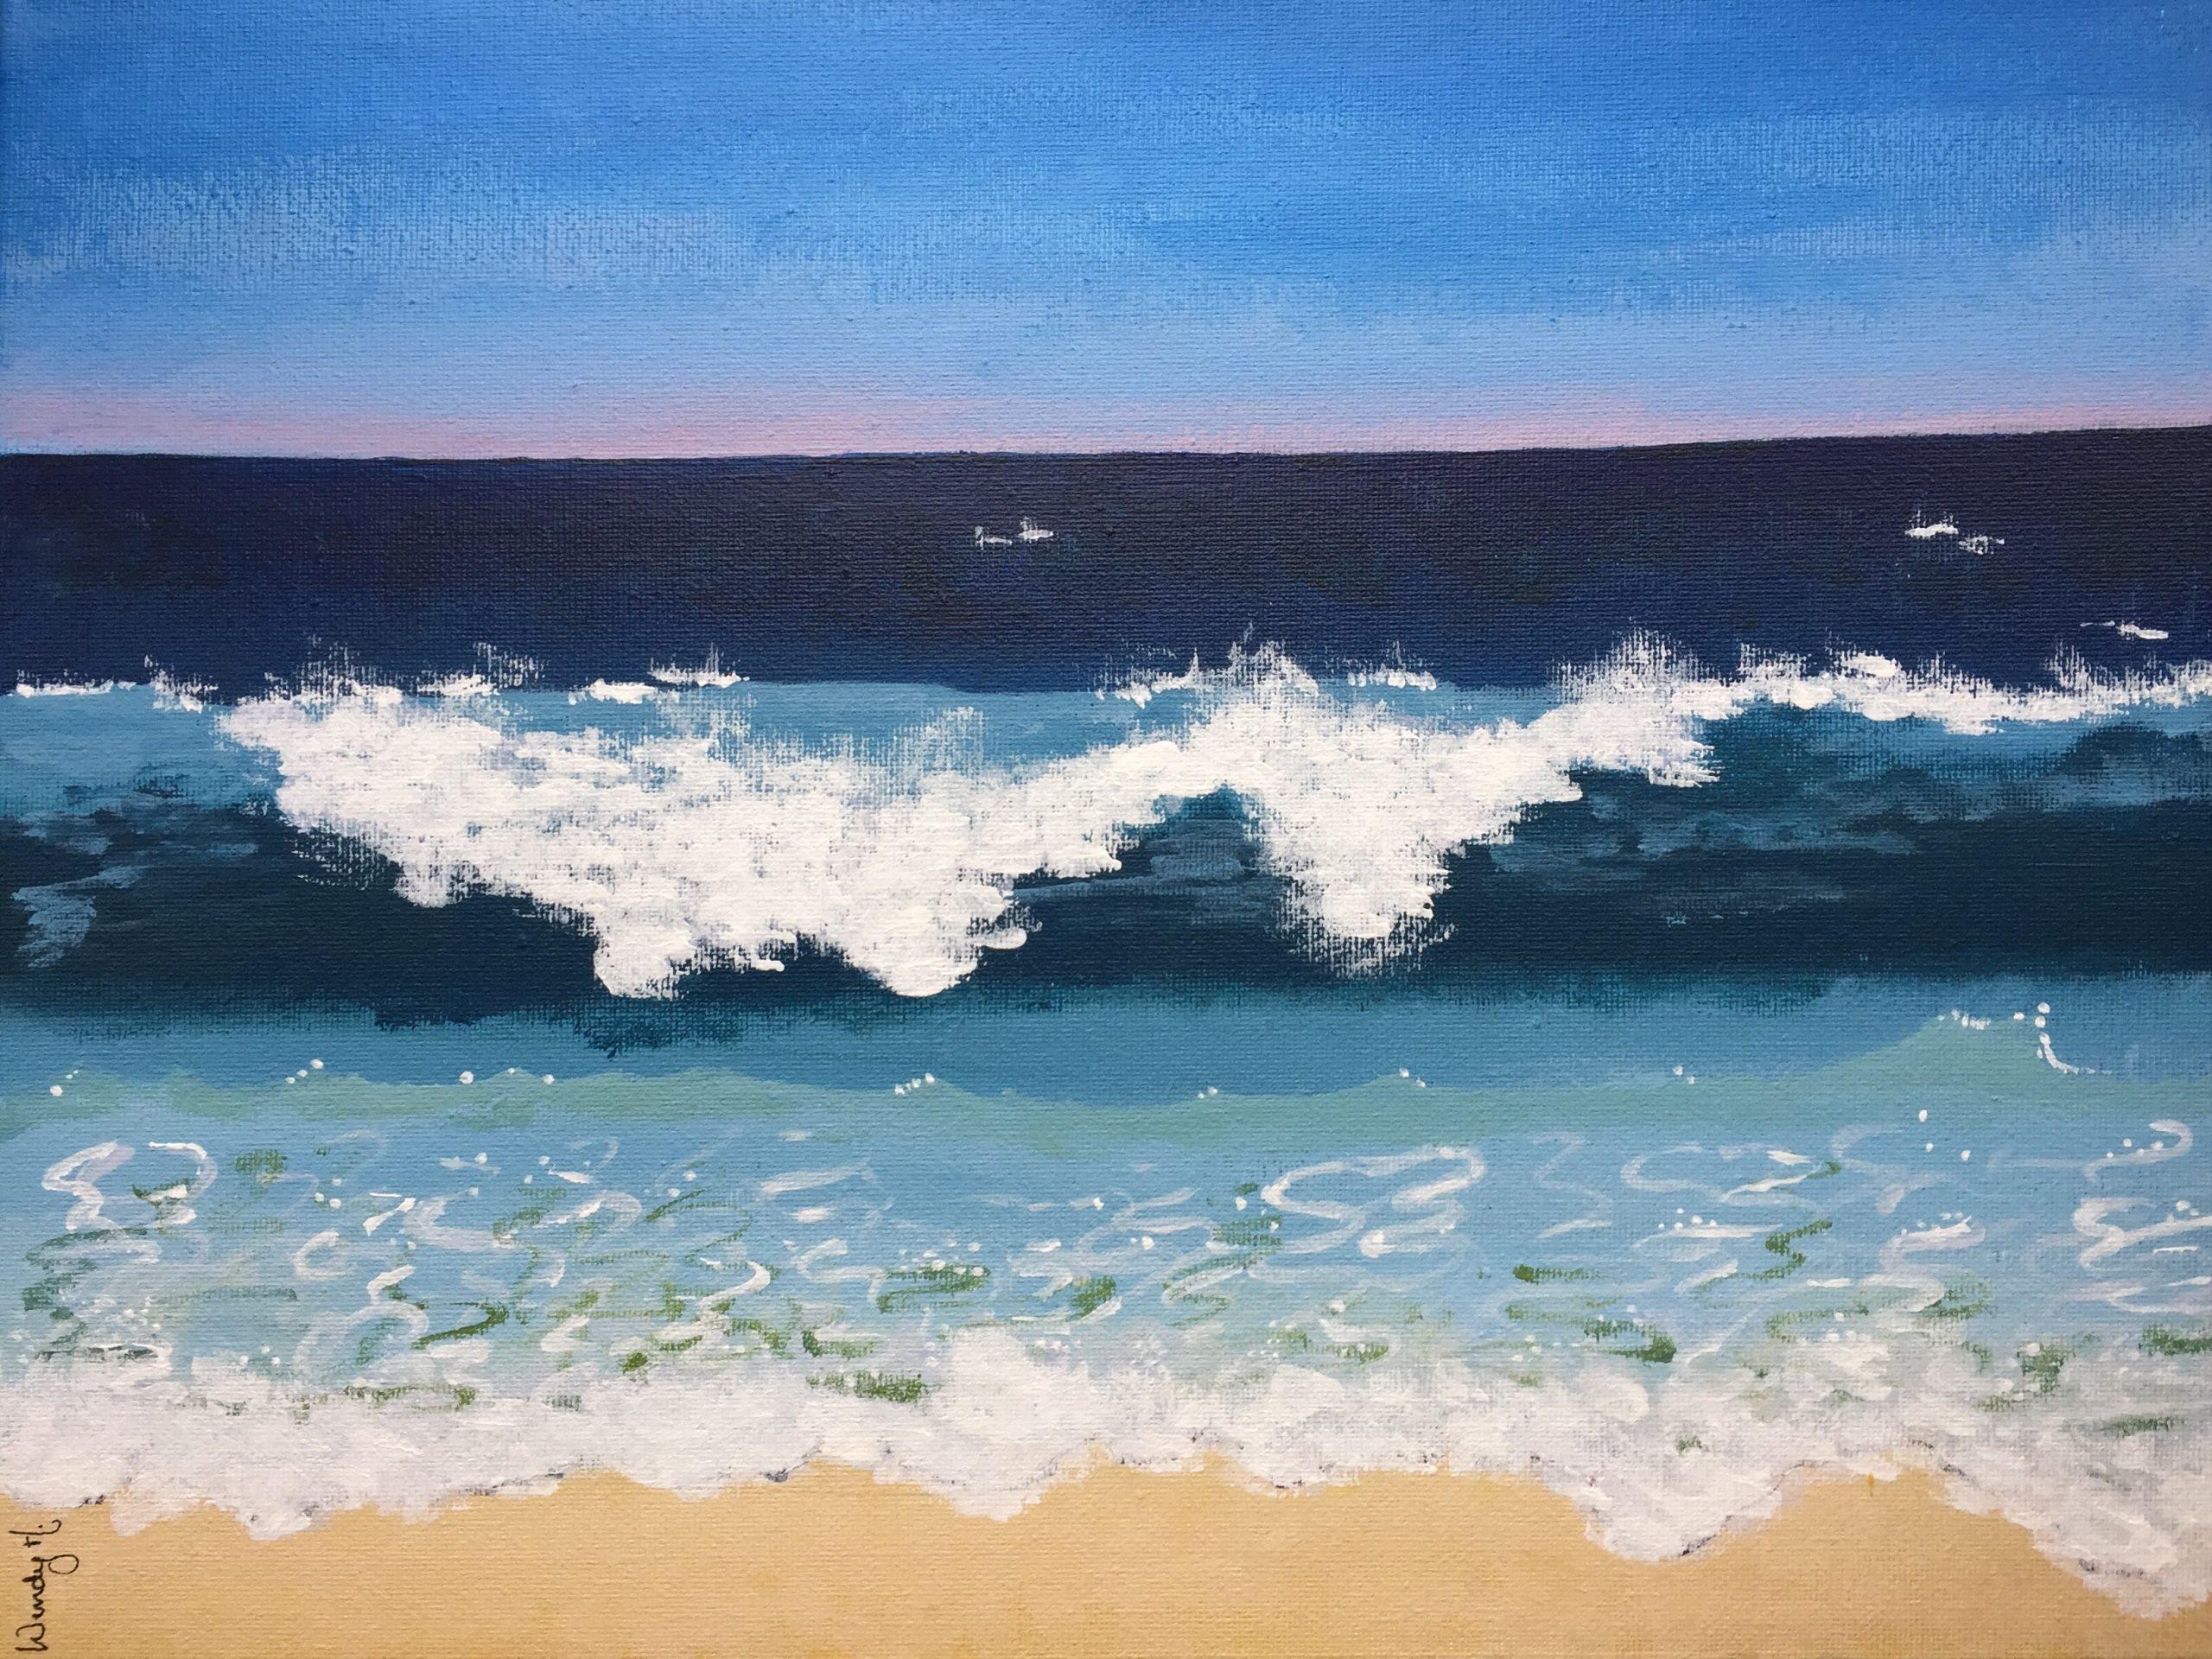 13-a-sapphire-seashore